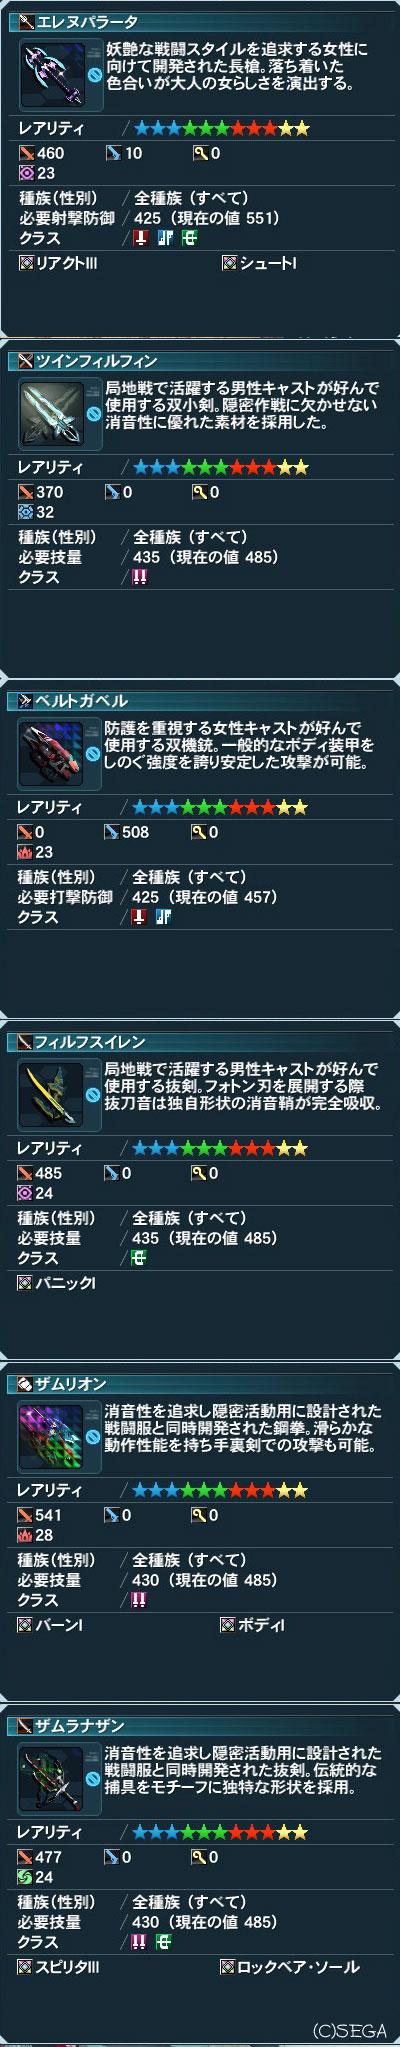 2014031010.jpg